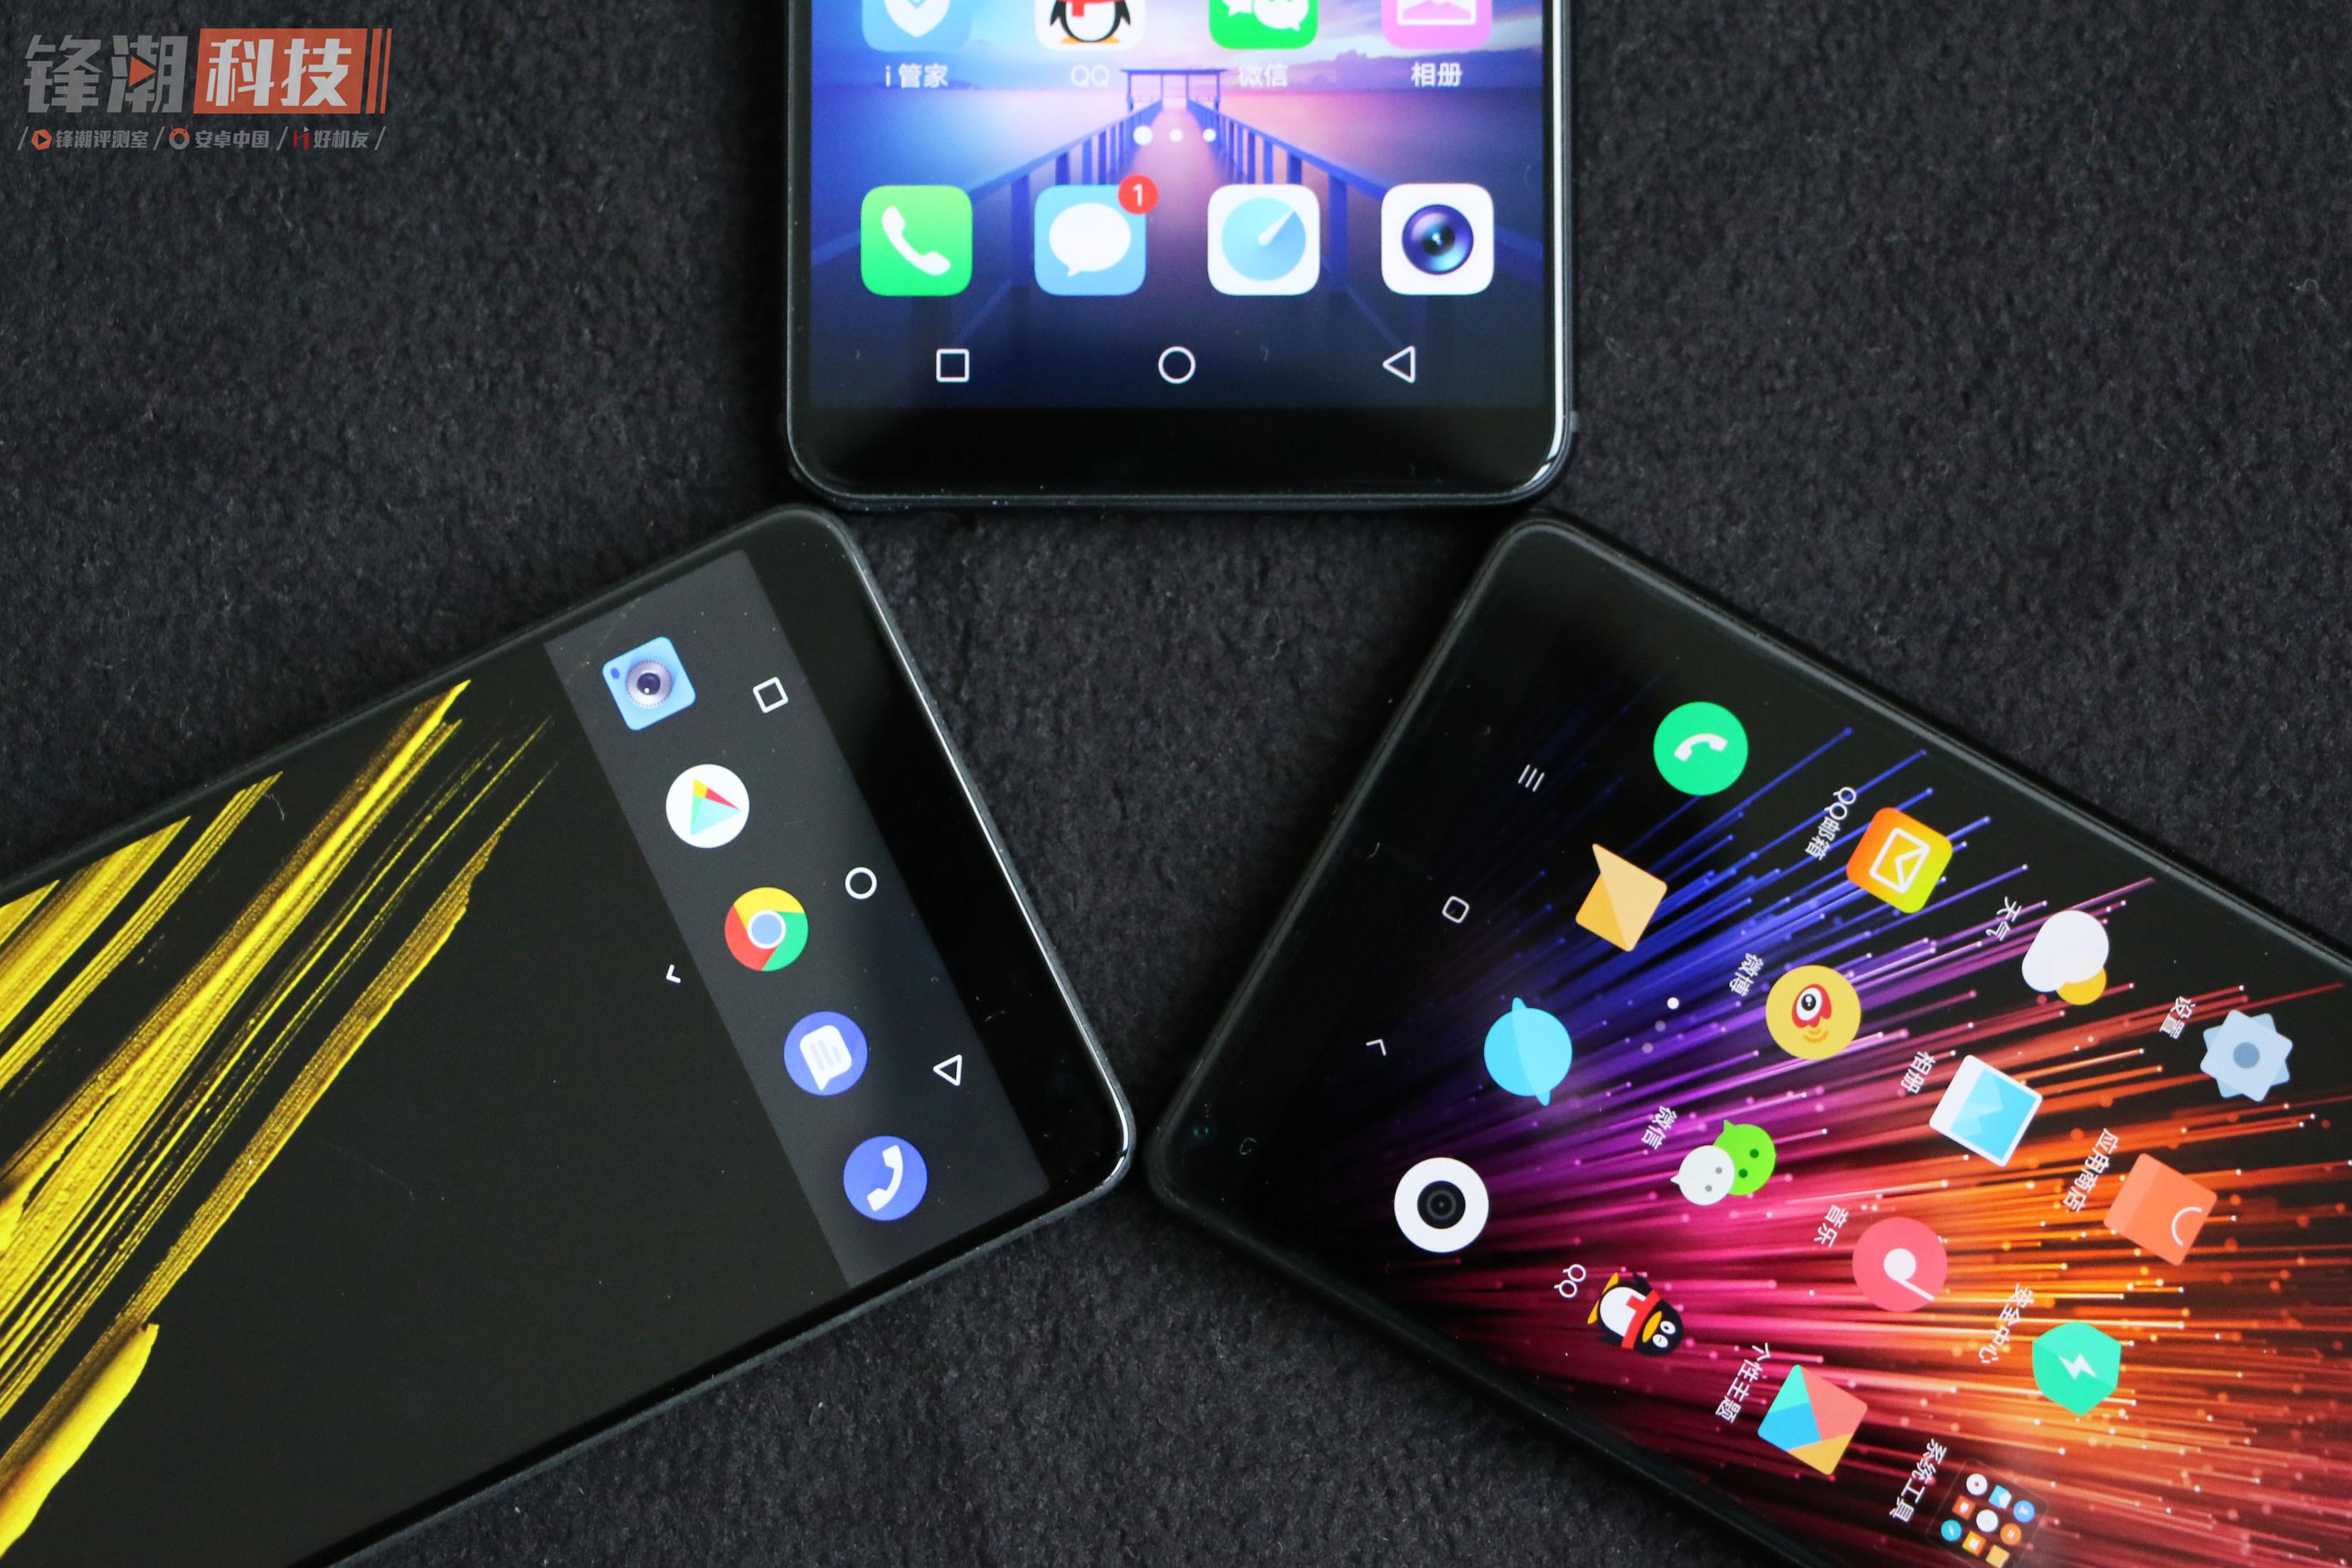 【力皮西】差异化会有何种体验?三种流派全面屏手机 体验评测